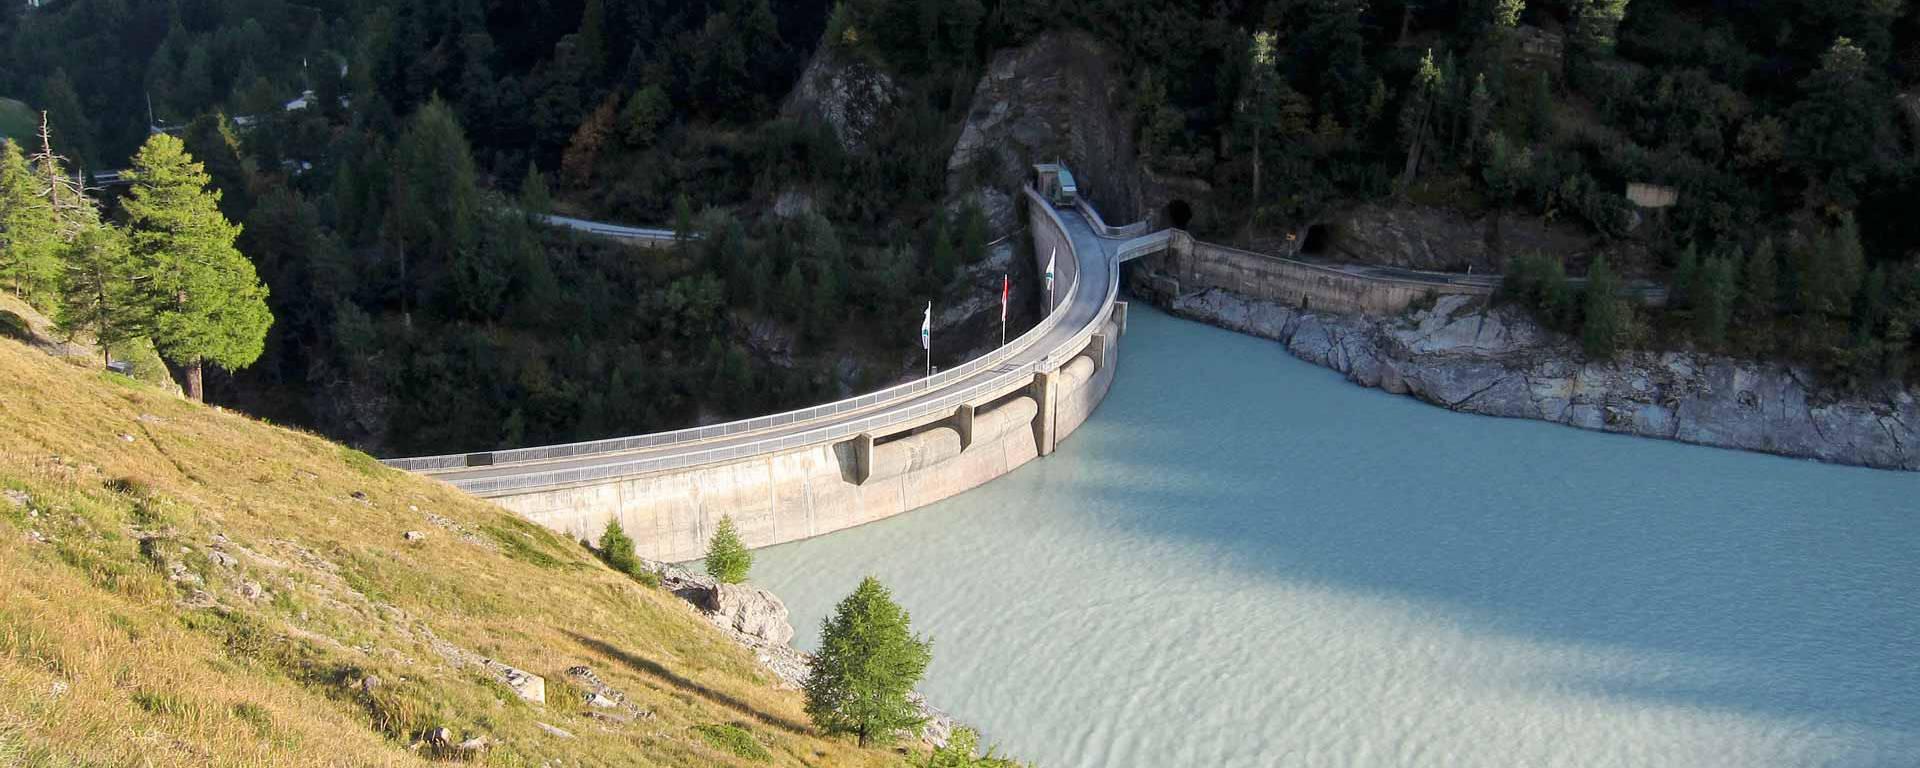 Wasserkraft Fluch Oder Segen Pro Natura